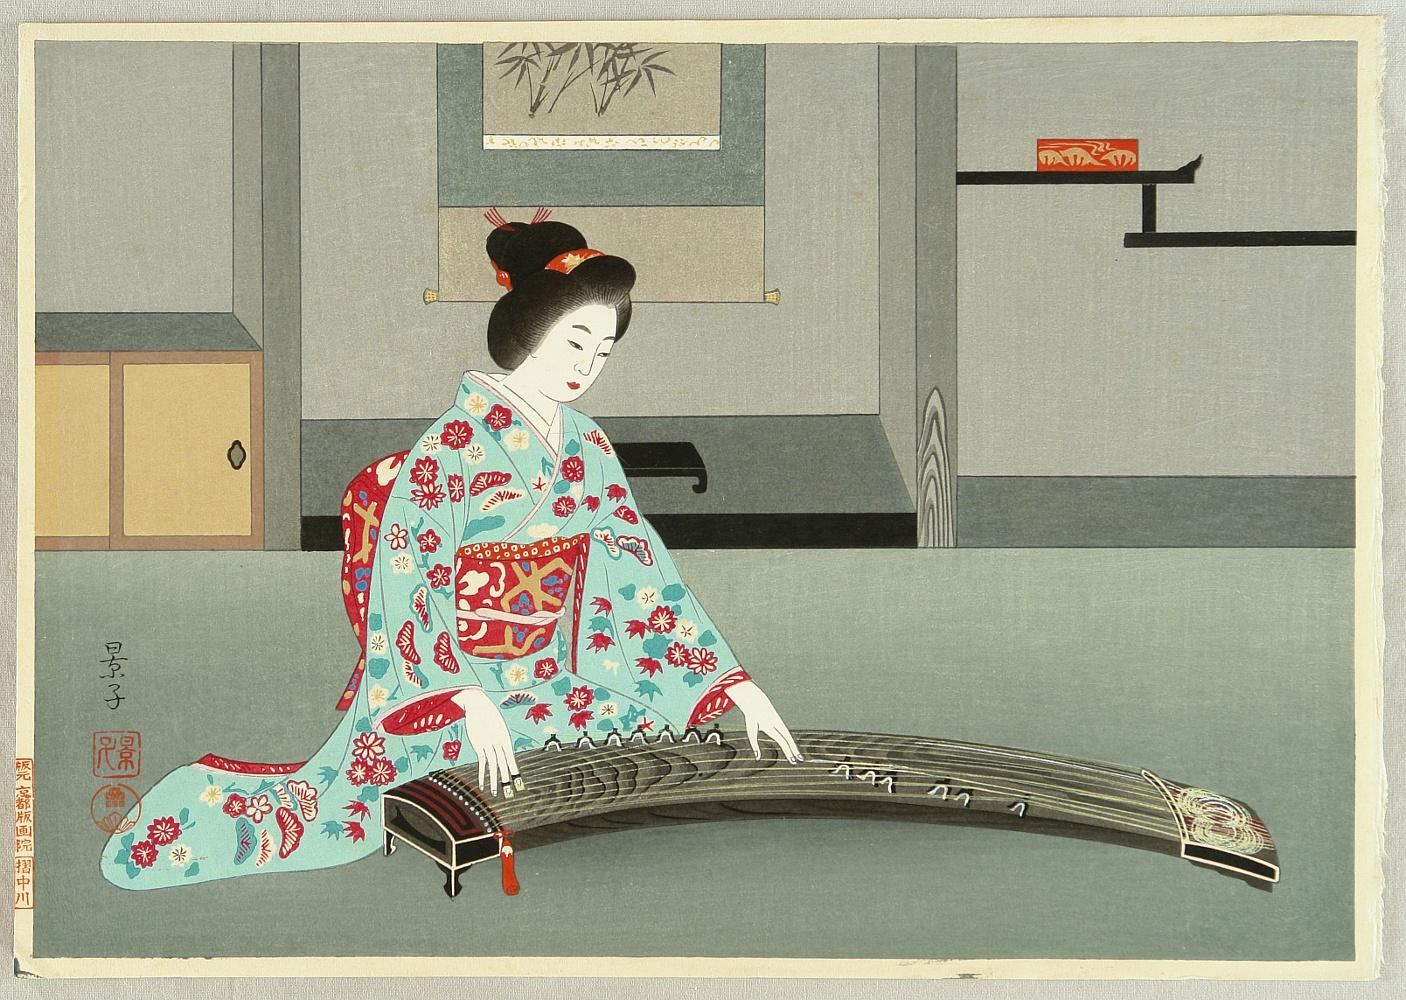 By Keiko Yurimoto 1906 - ?